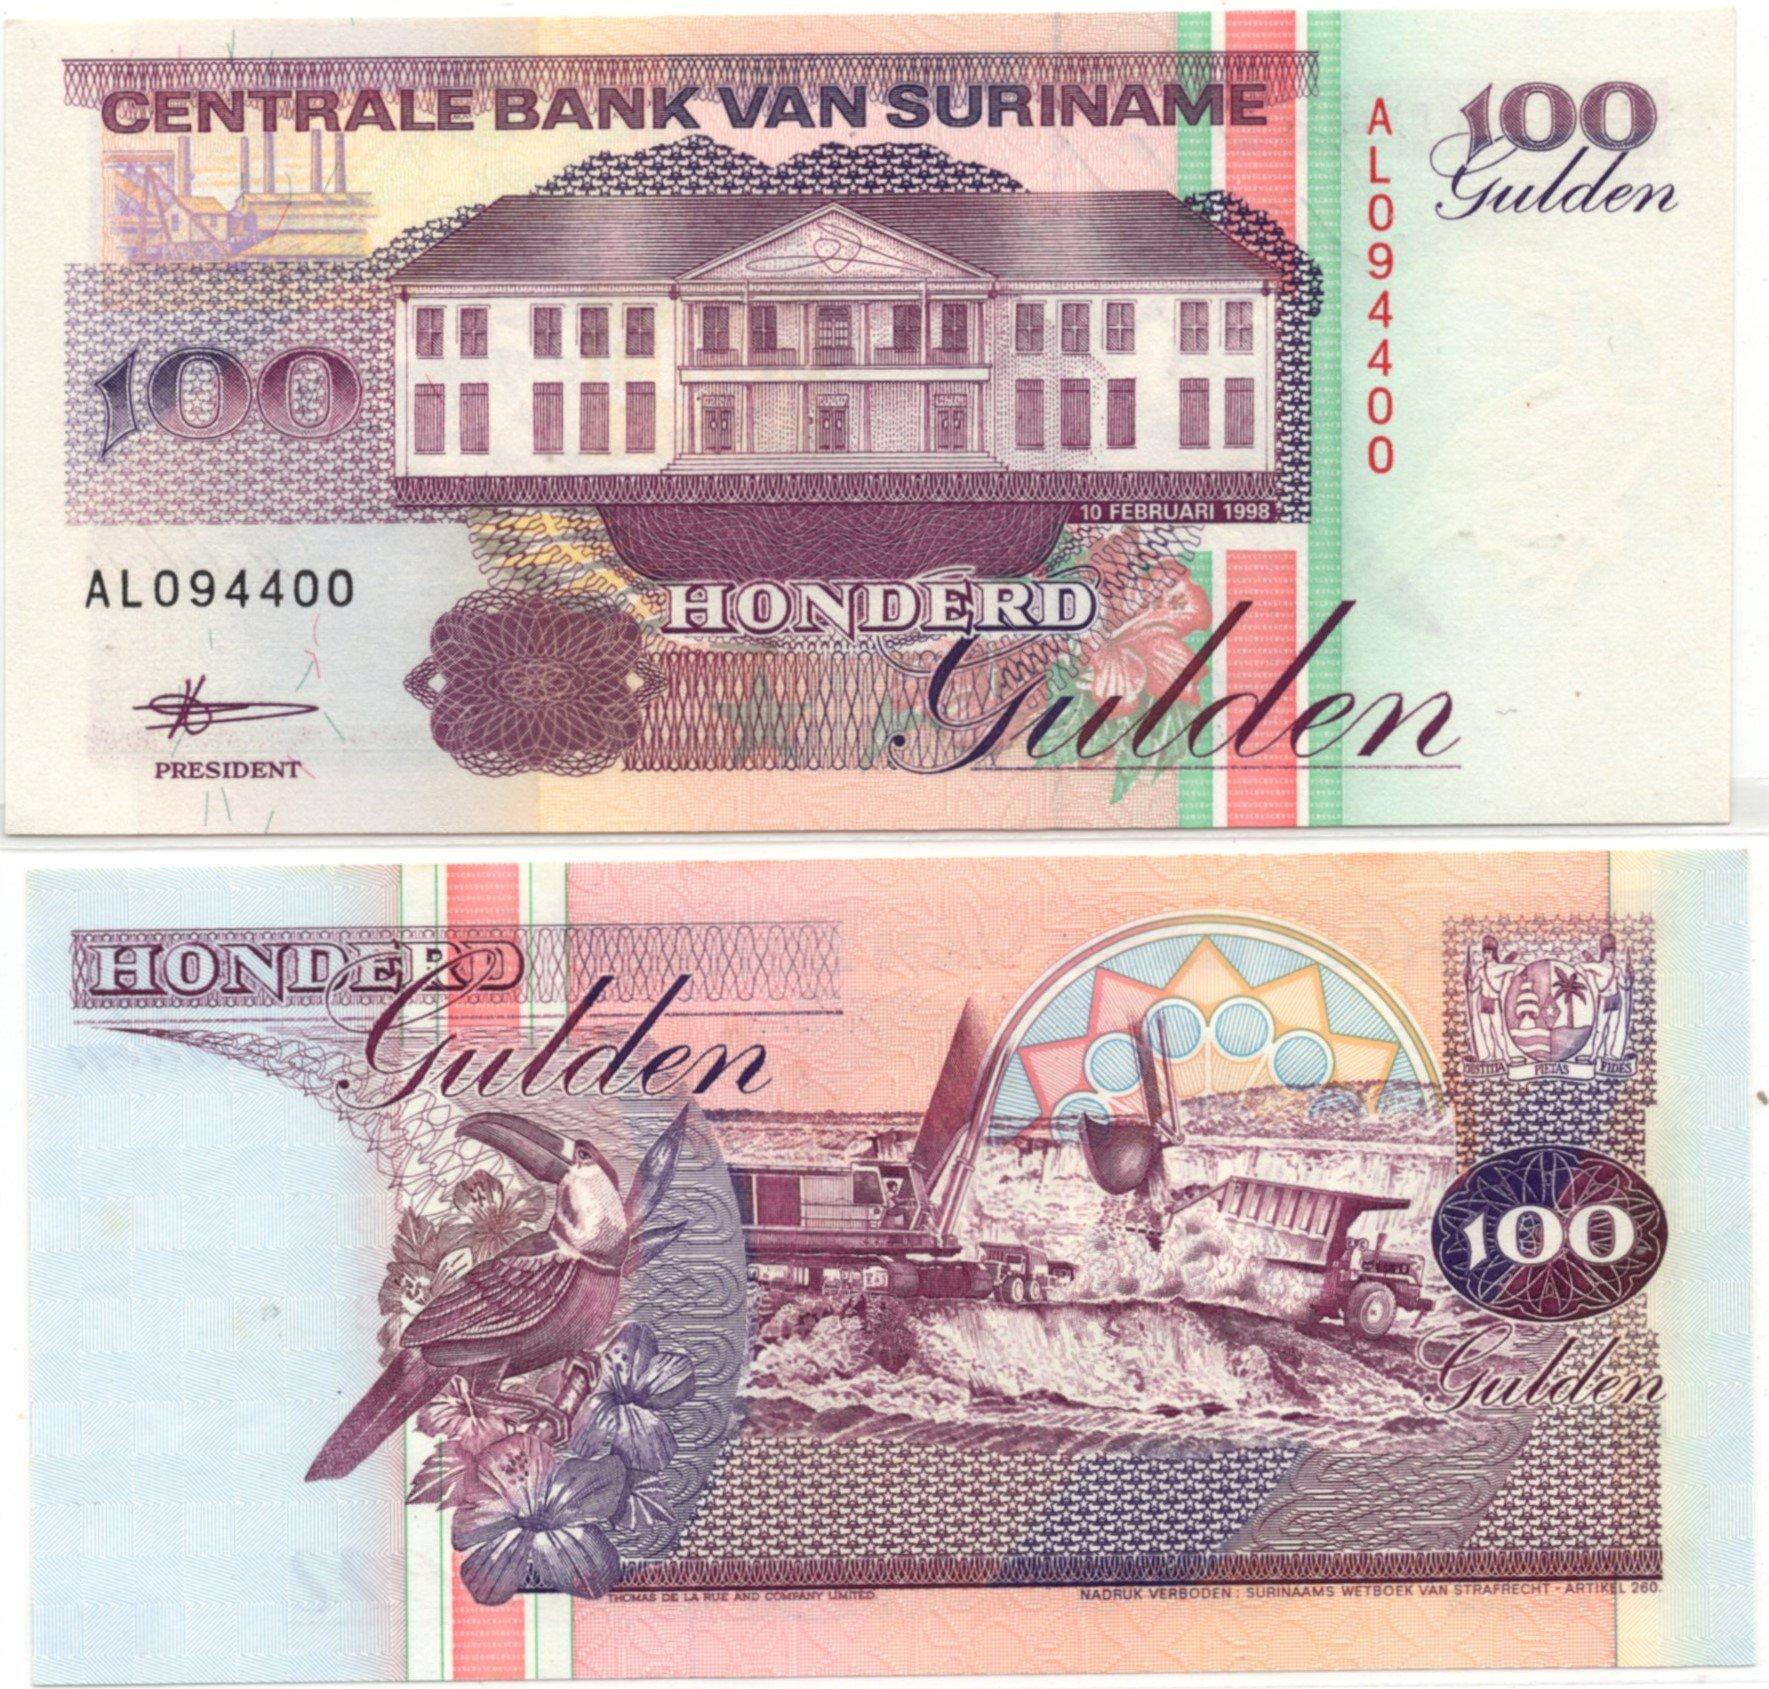 Surinam 100 gulden 1988 for sale